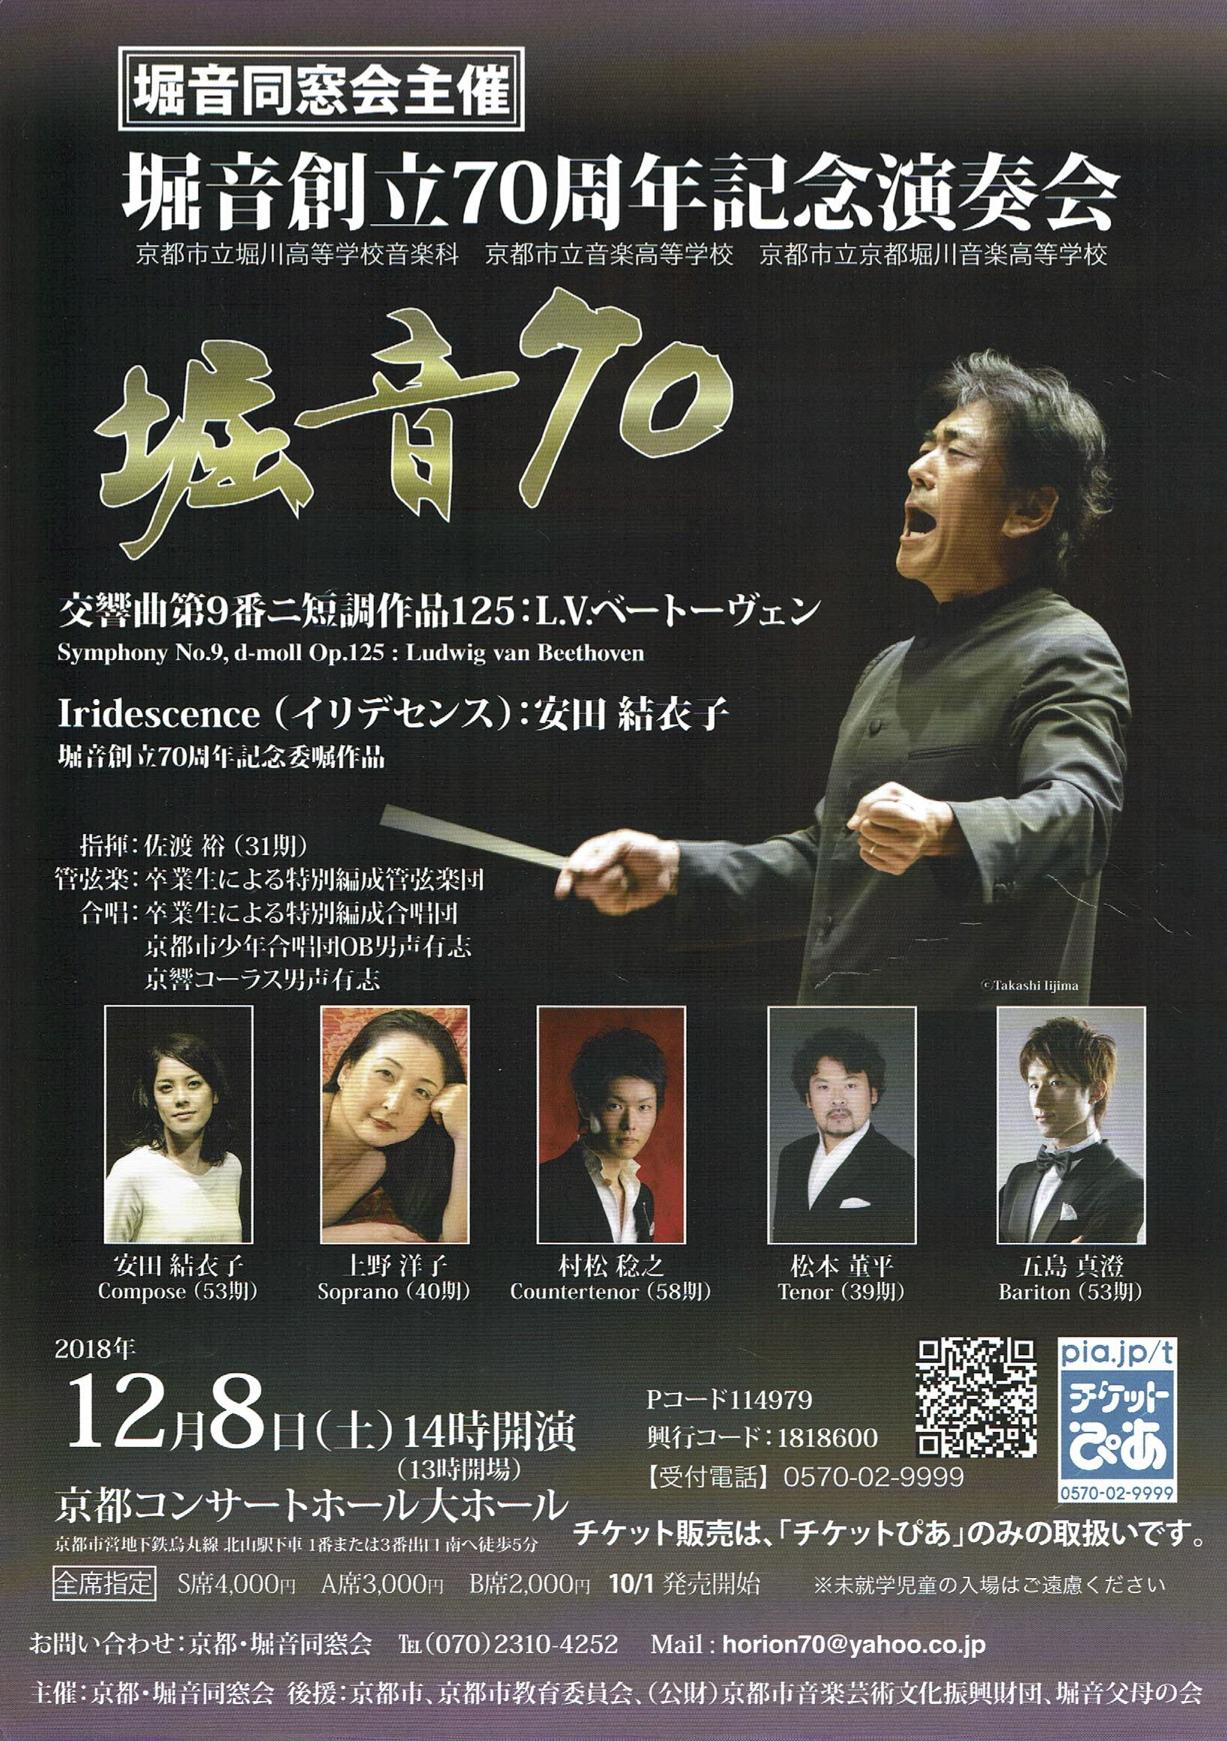 堀音創立70周年記念演奏会 京都コンサートホール大ホール